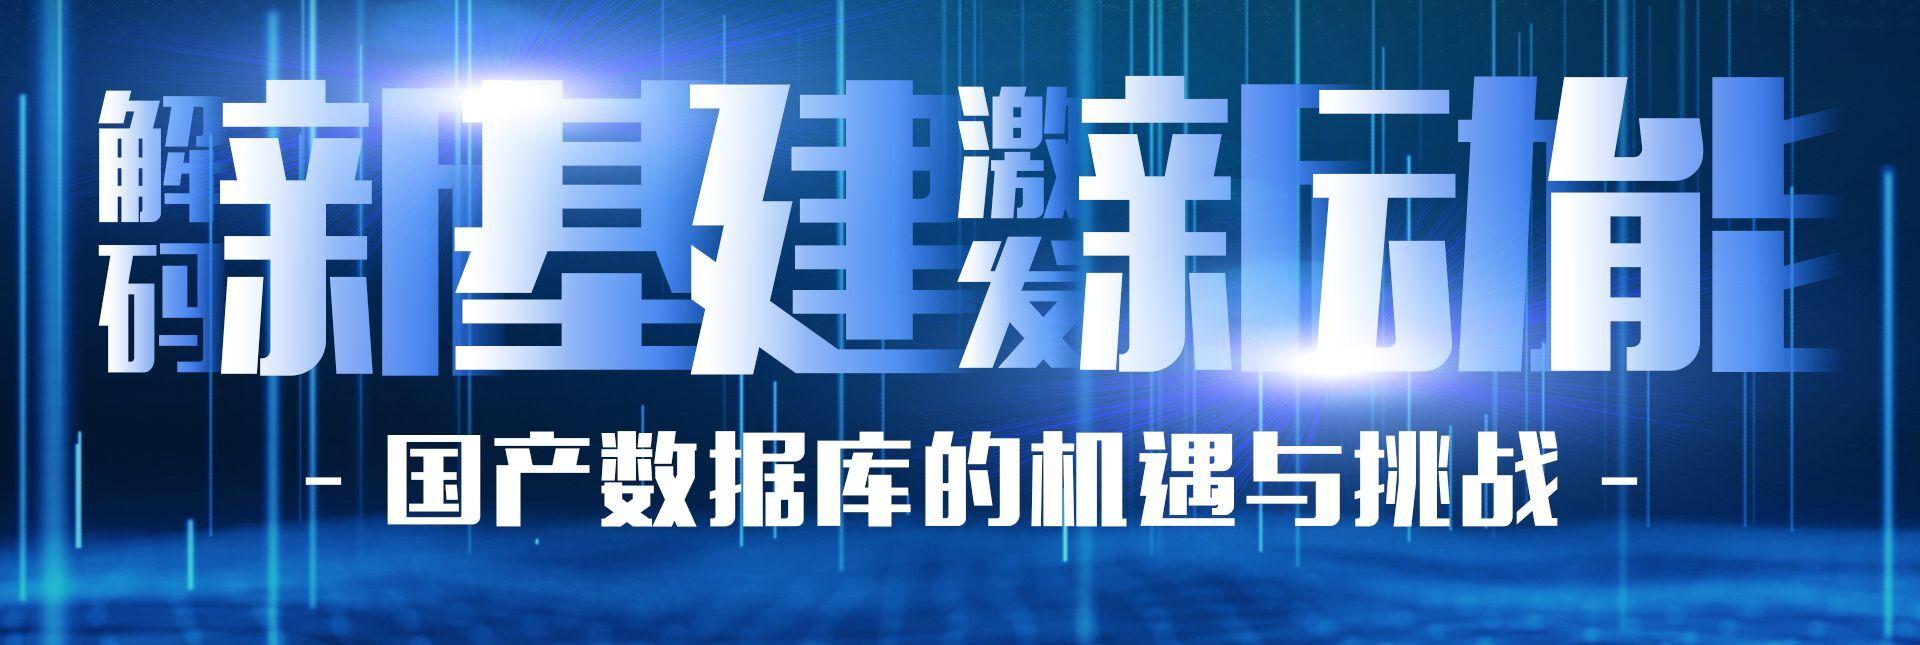 数据库大咖讲坛活动6月18日墨天轮平台线上举行,阿里腾讯达梦众多数据库大咖齐聚!